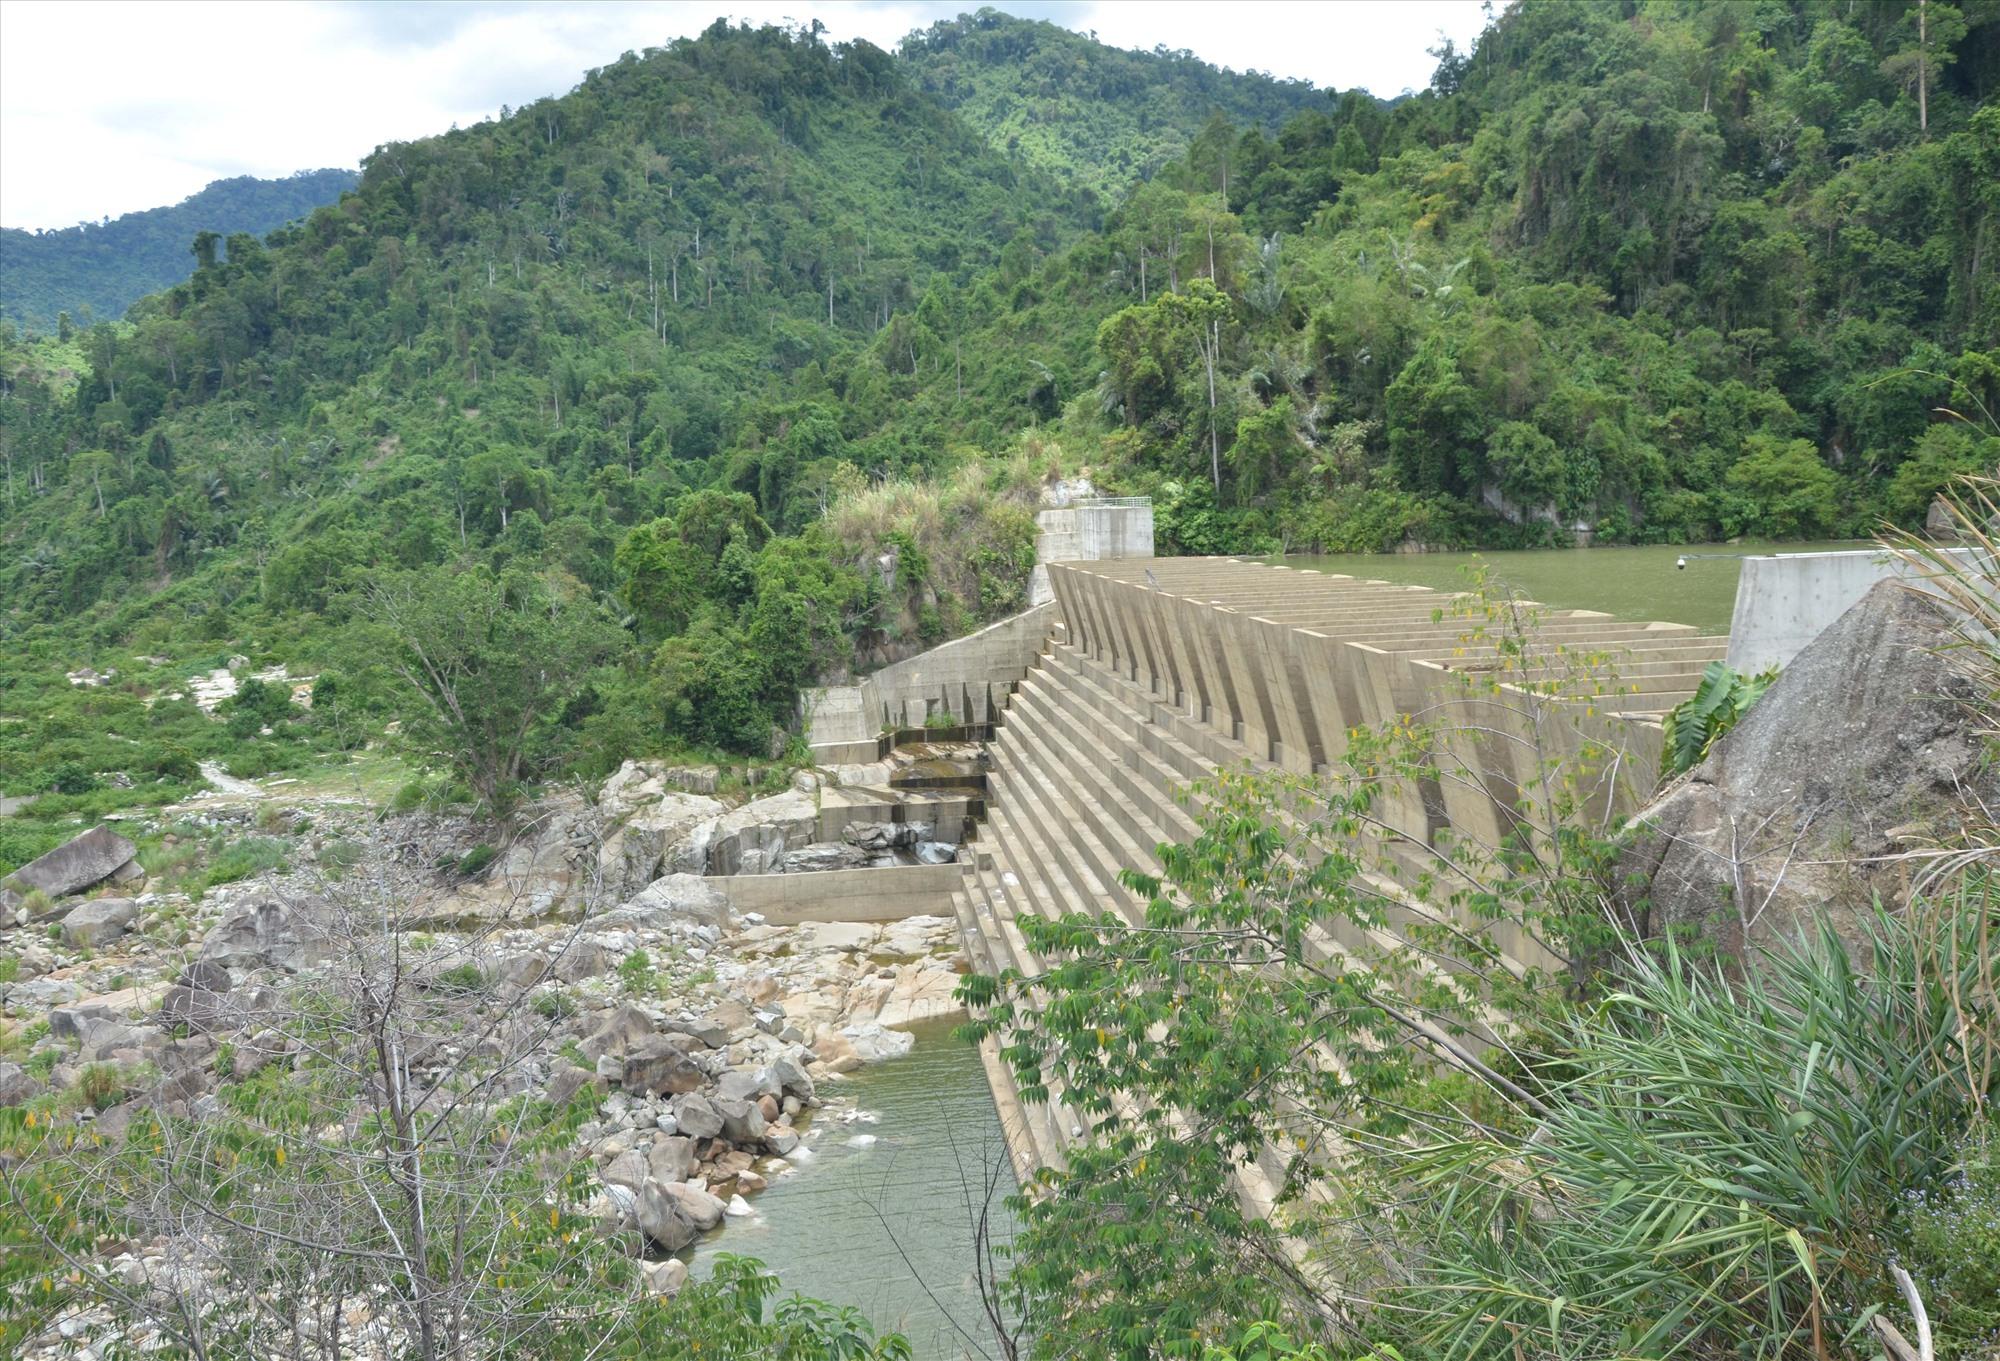 Lưu vực sông Vu Gia - Thu Bồn: Tìm phương án sử dụng hiệu quả nguồn nước